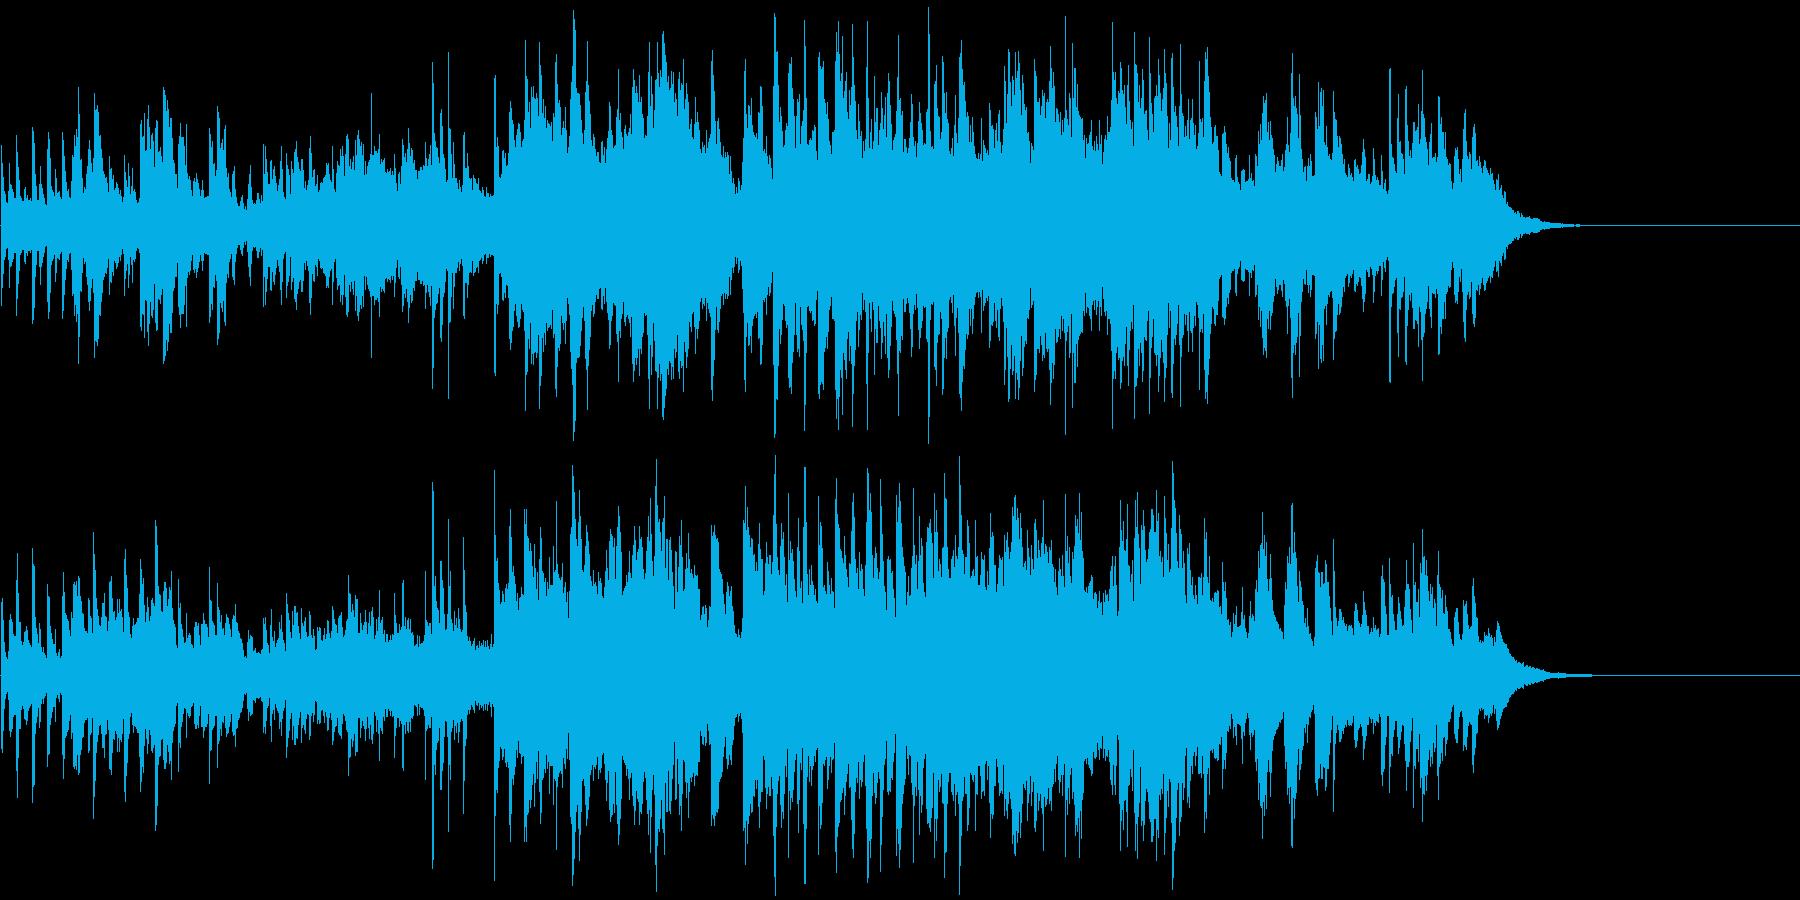 ほのぼのしたピアノクァルテットの再生済みの波形